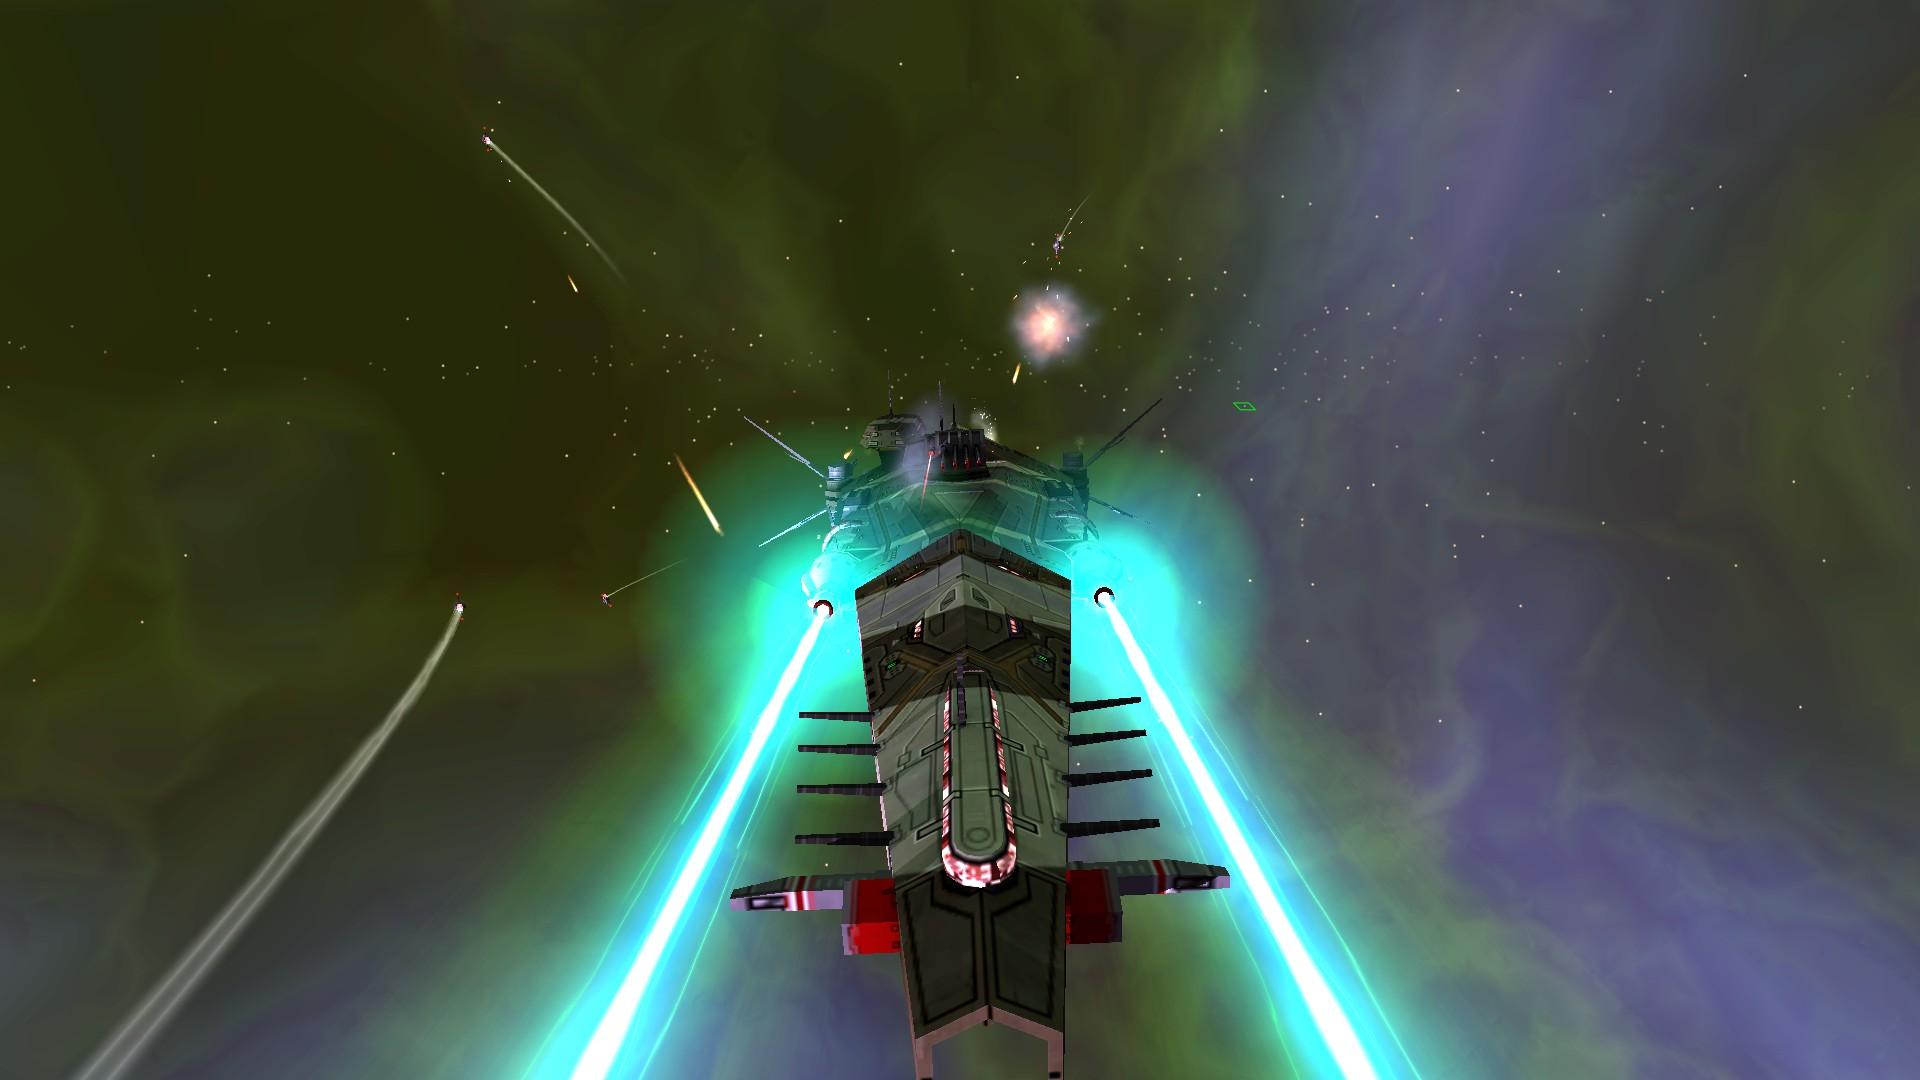 Frerrn destroyer